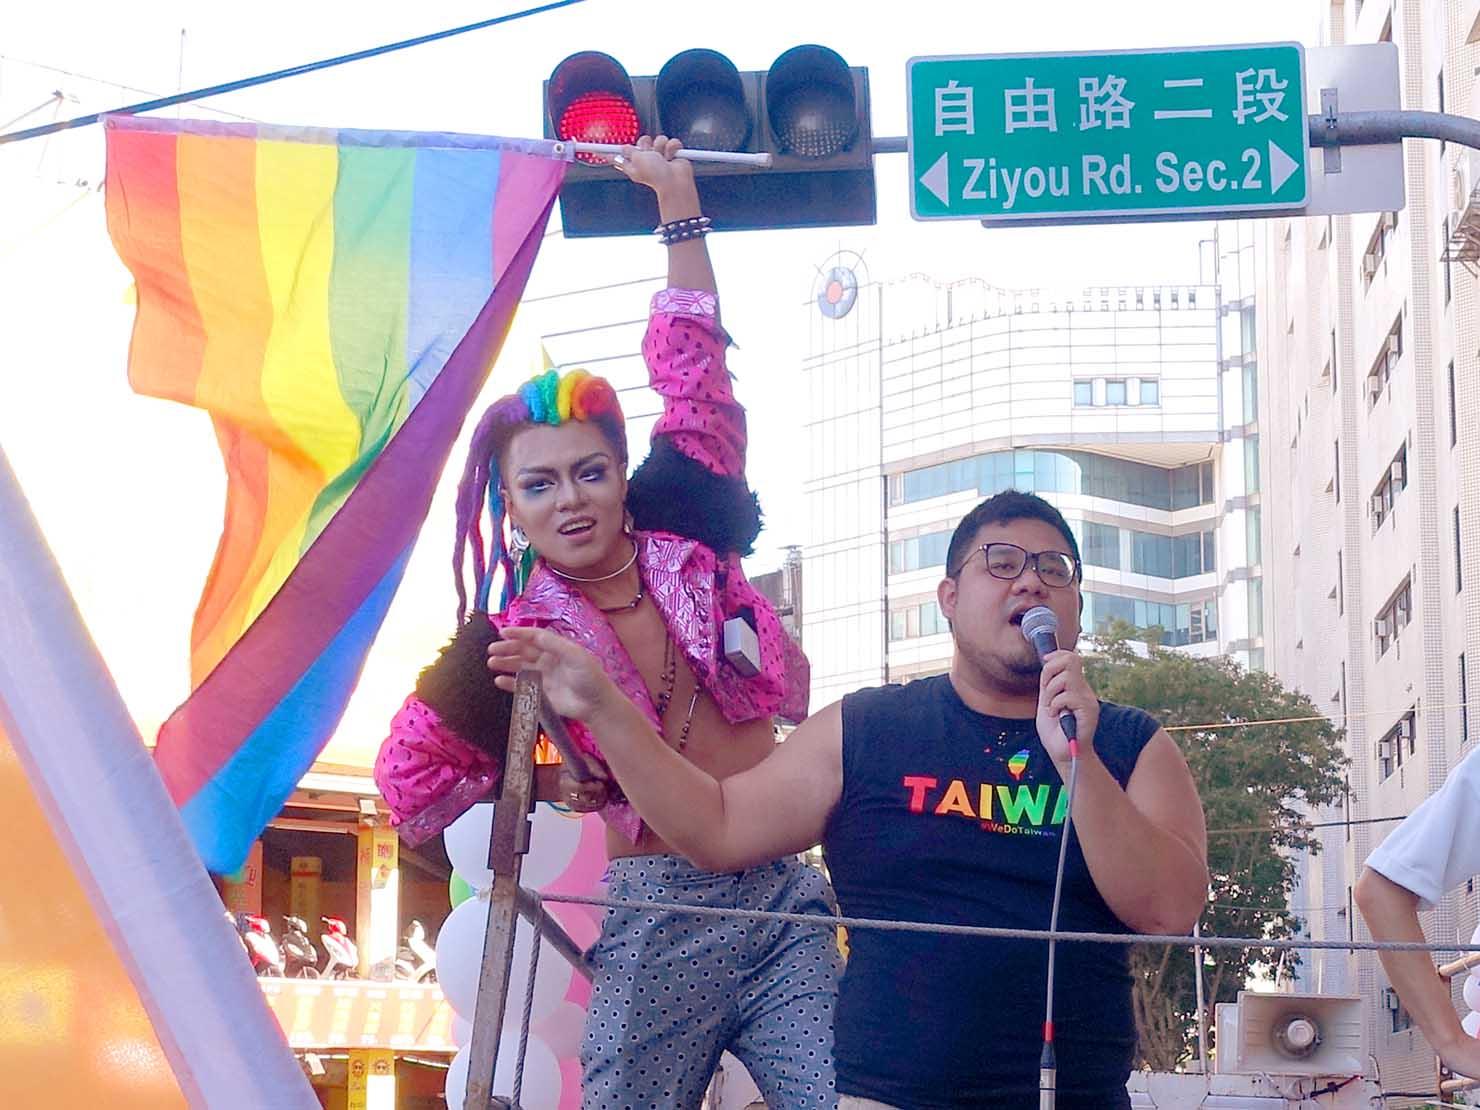 台中同志遊行(台中LGBTプライド)2019のパレードカーからレインボーフラッグを掲げる参加者